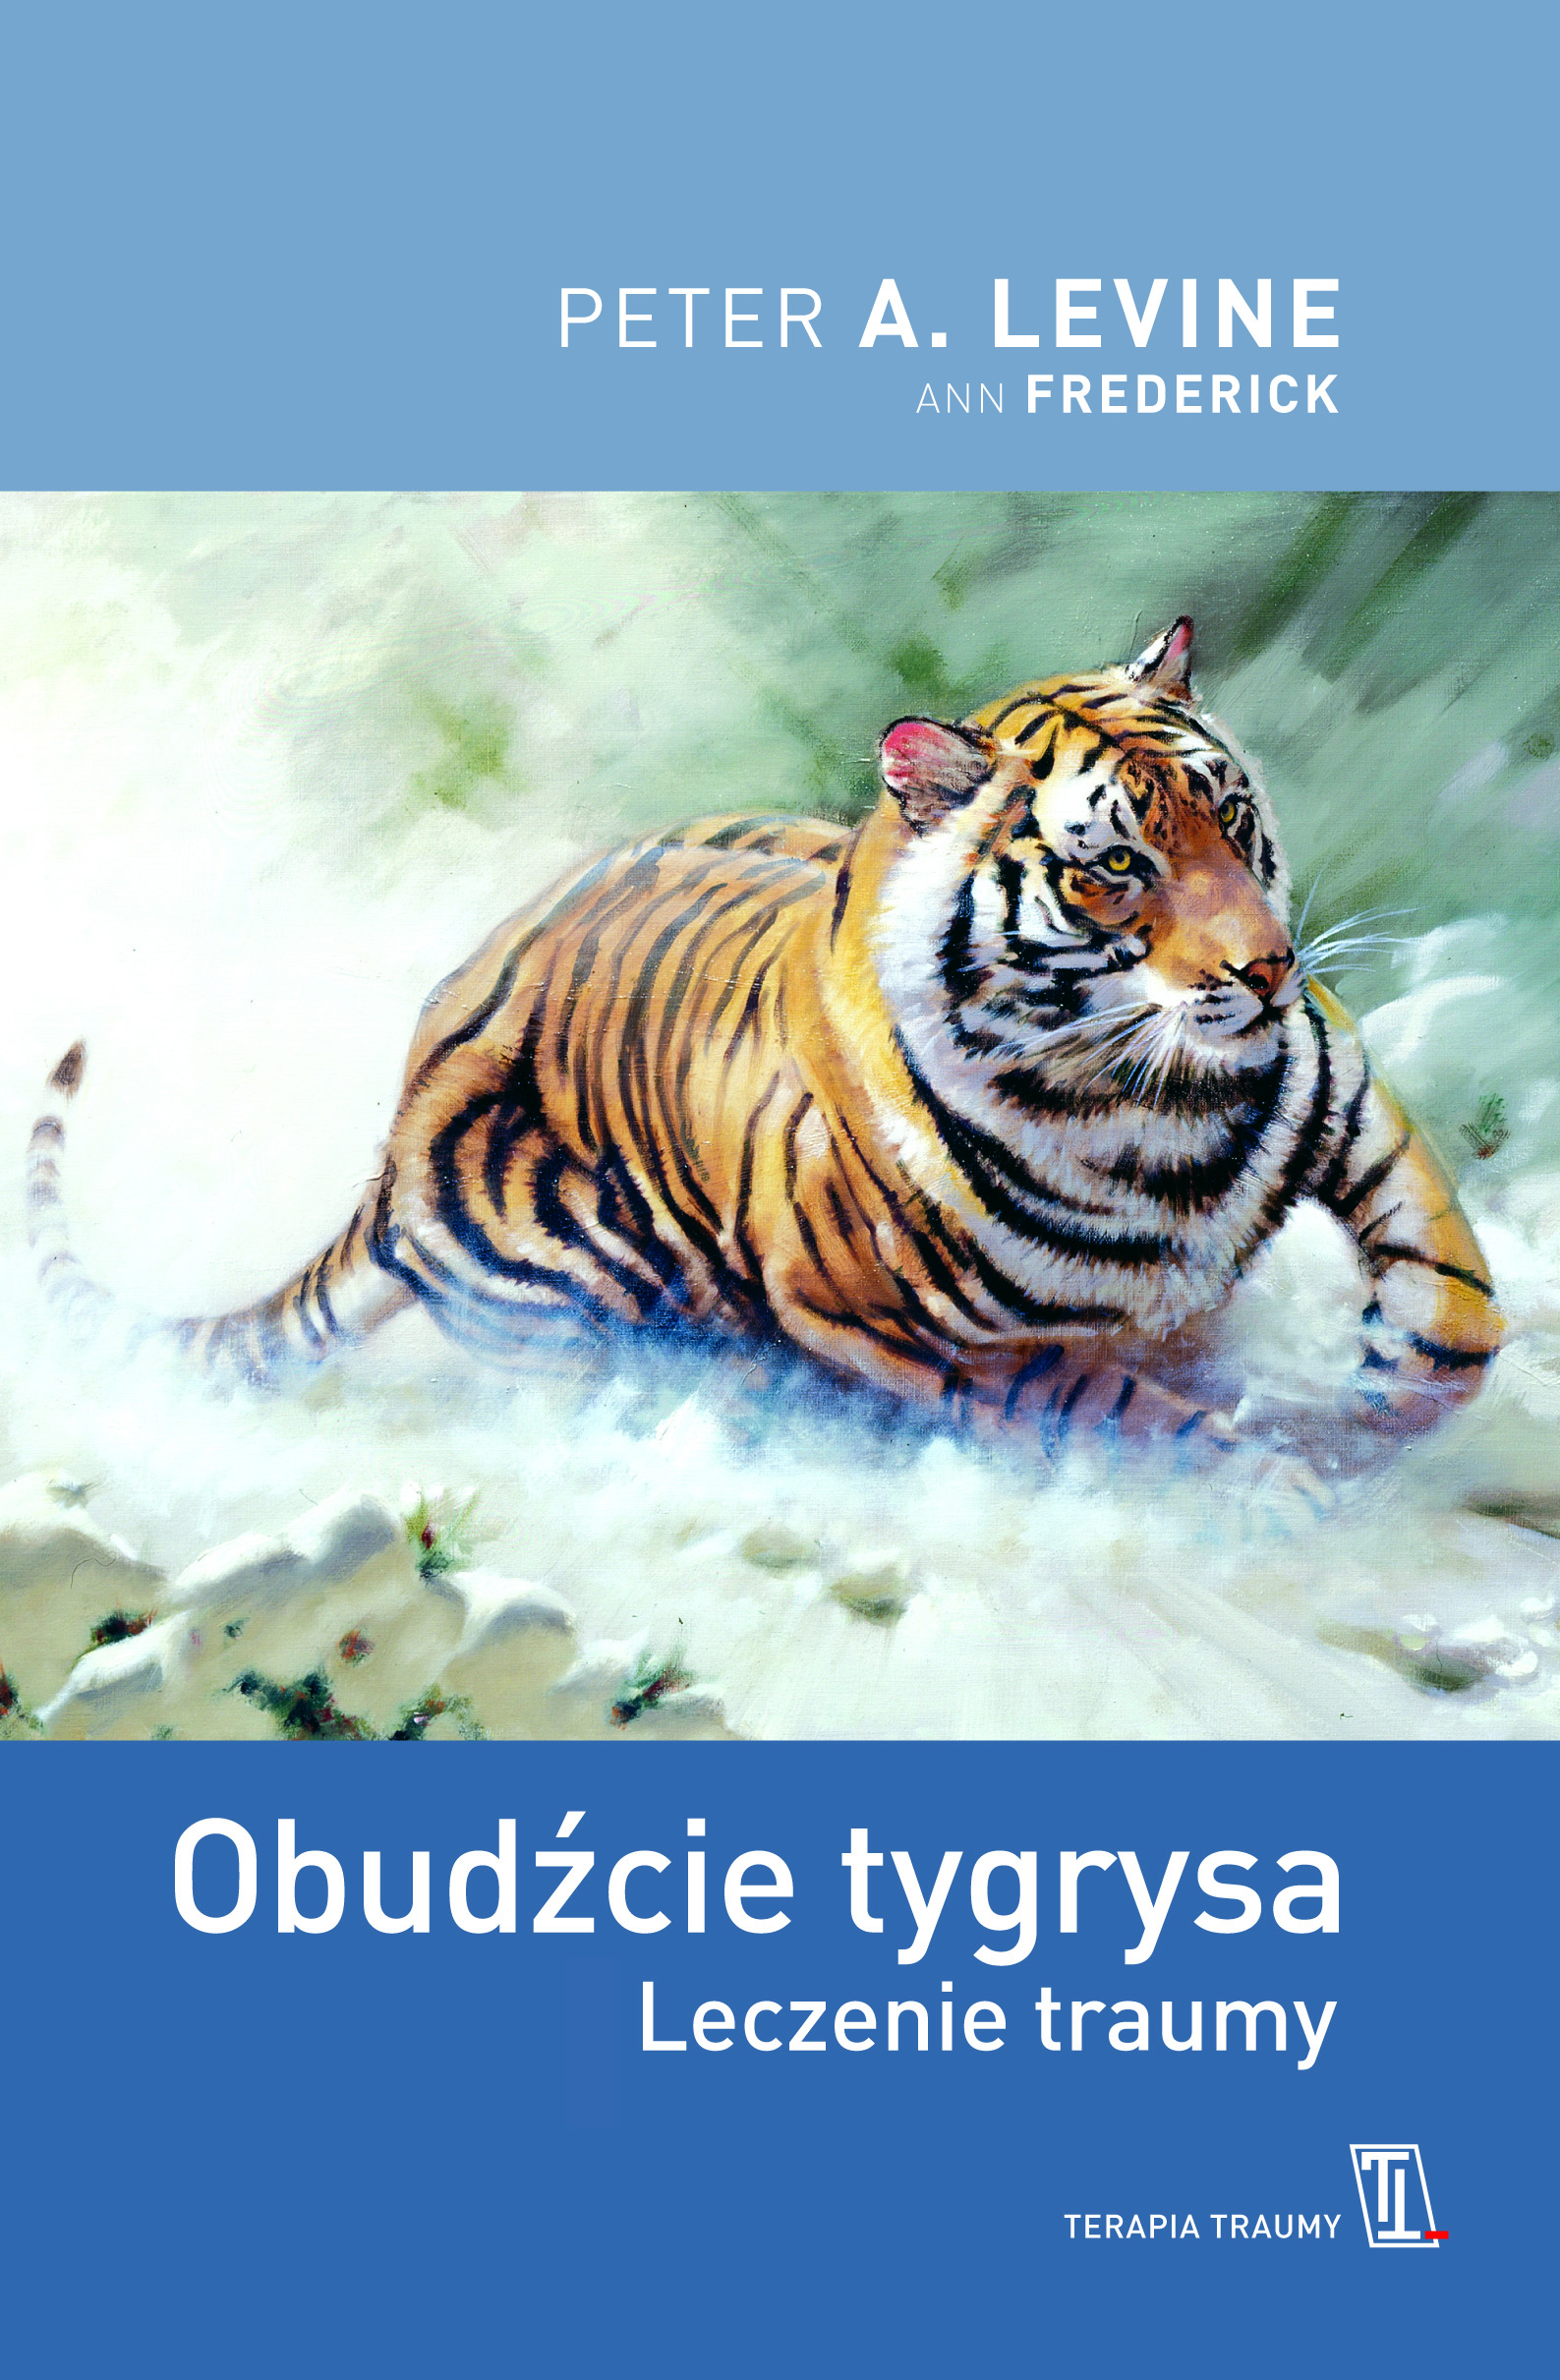 obudzcie tygrysa okladka